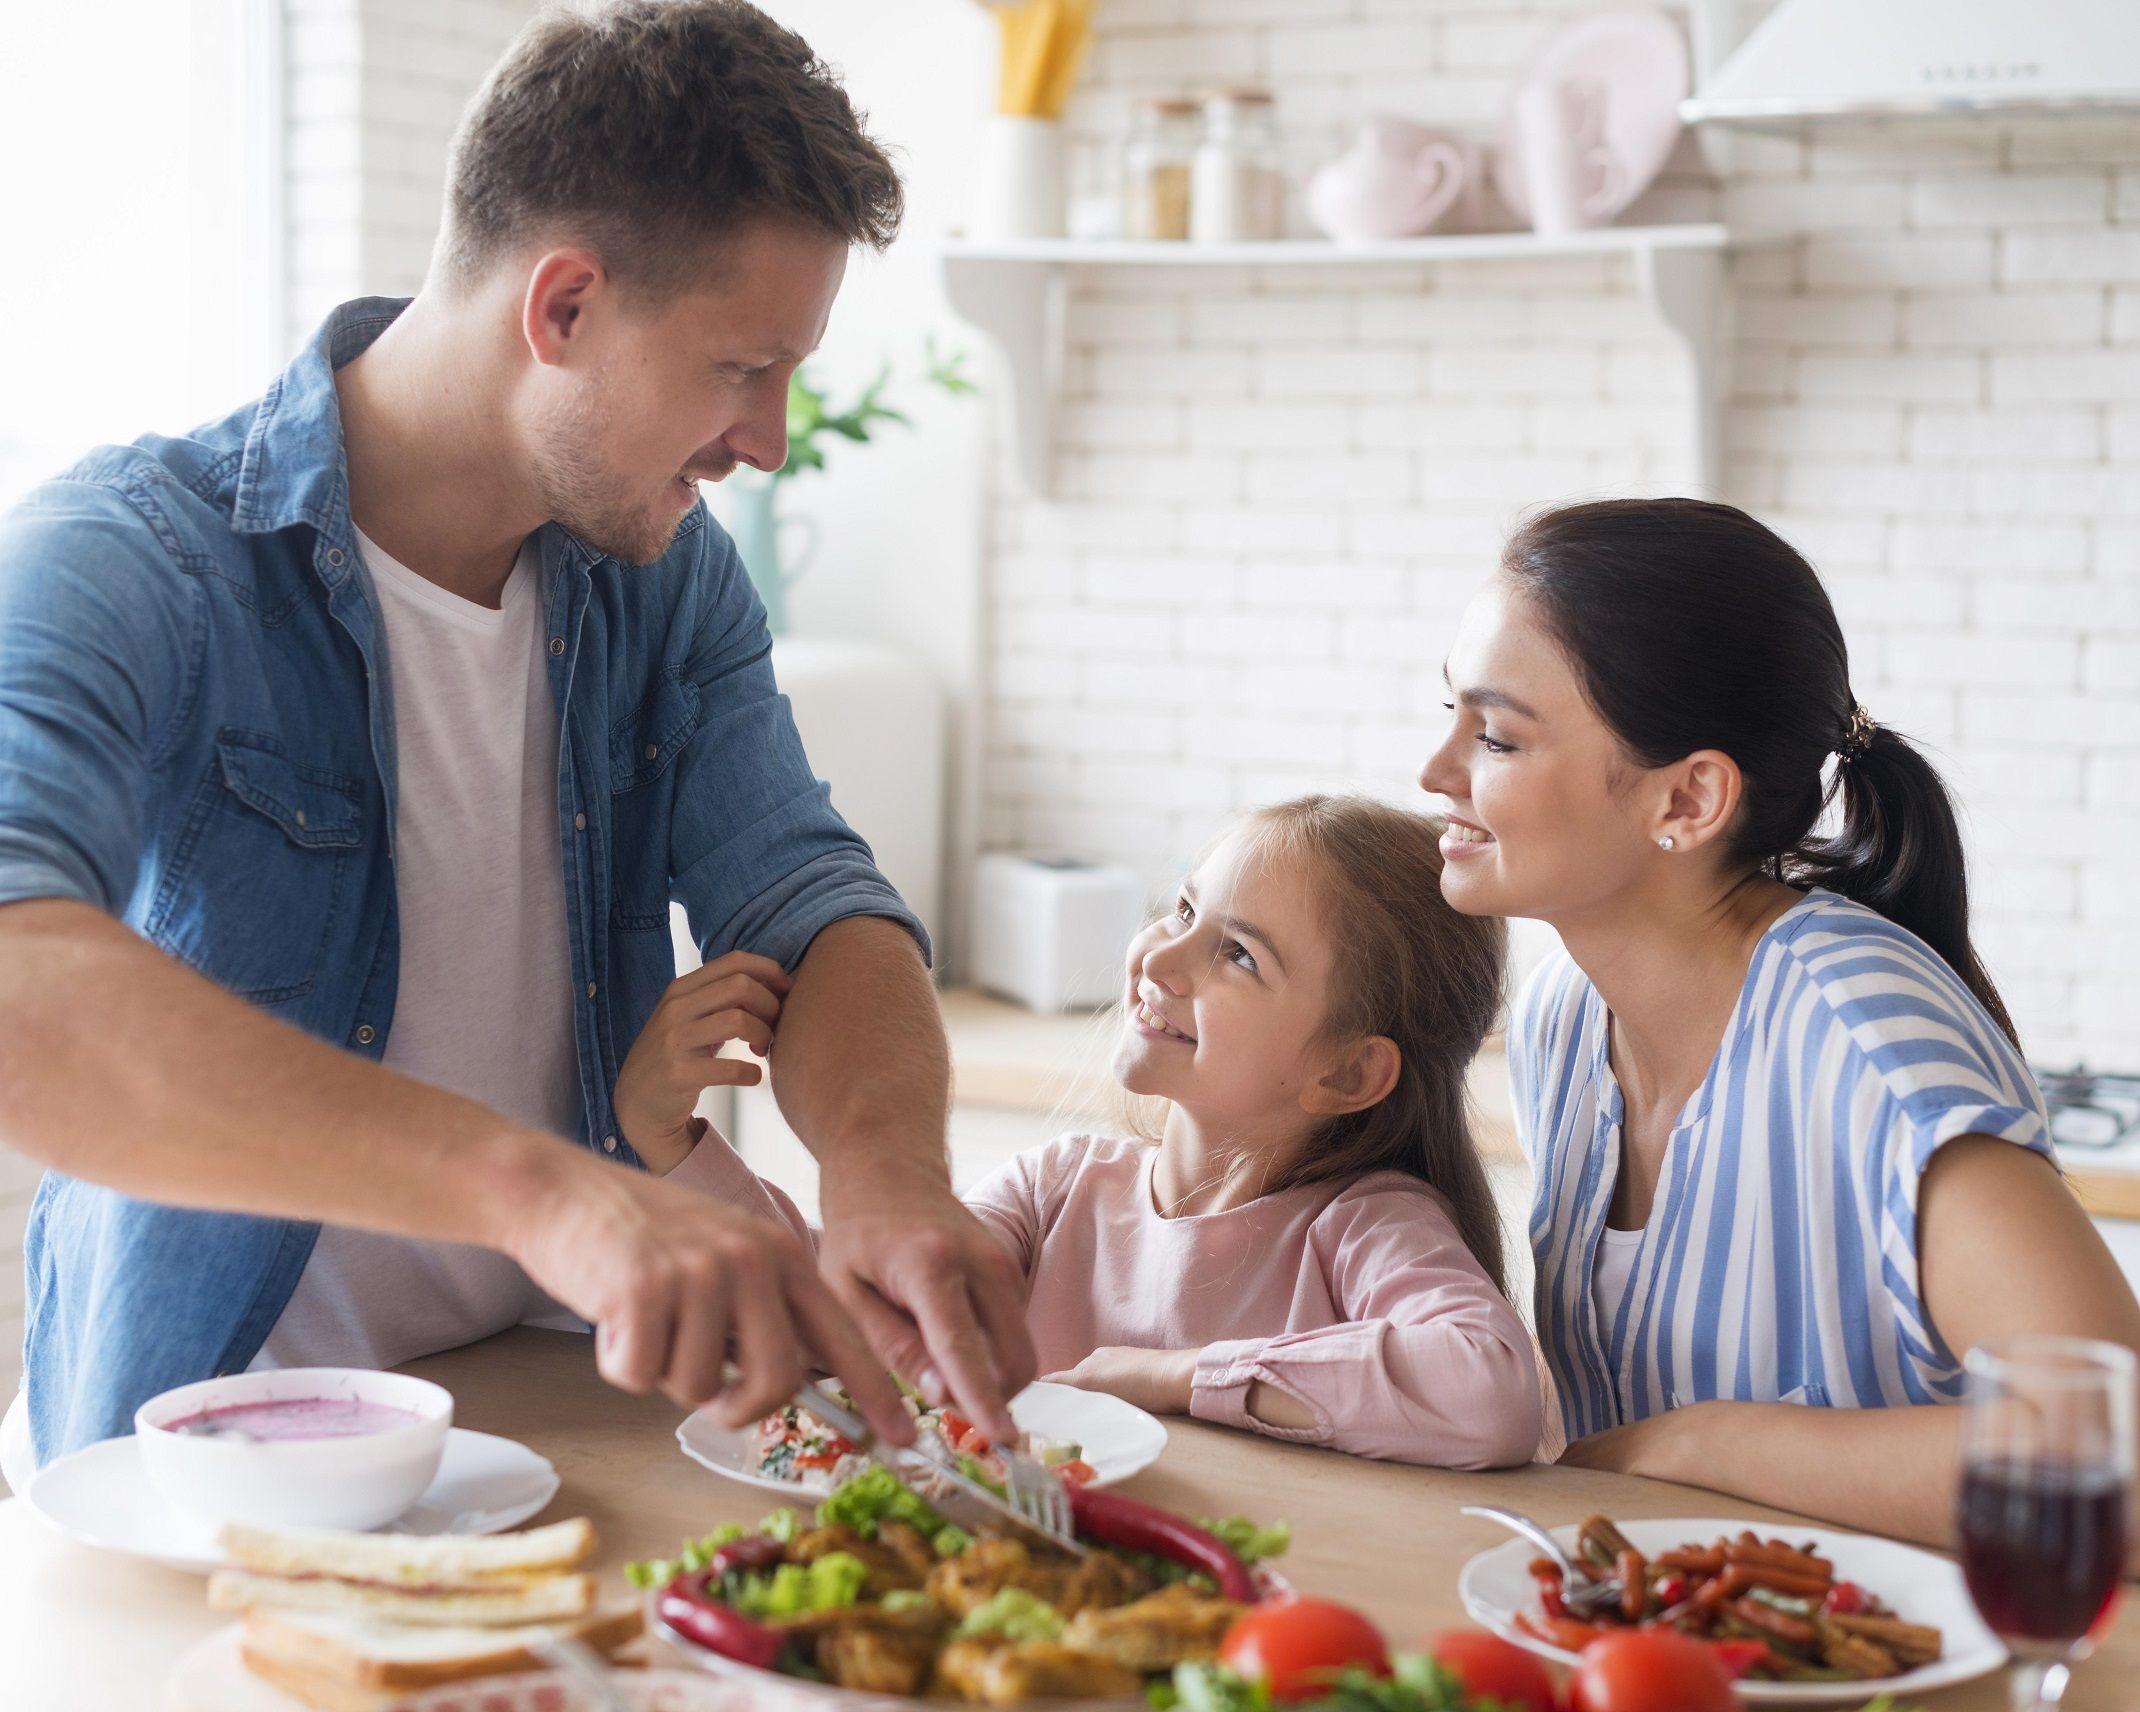 Dlaczego warto jeść intuicyjnie?